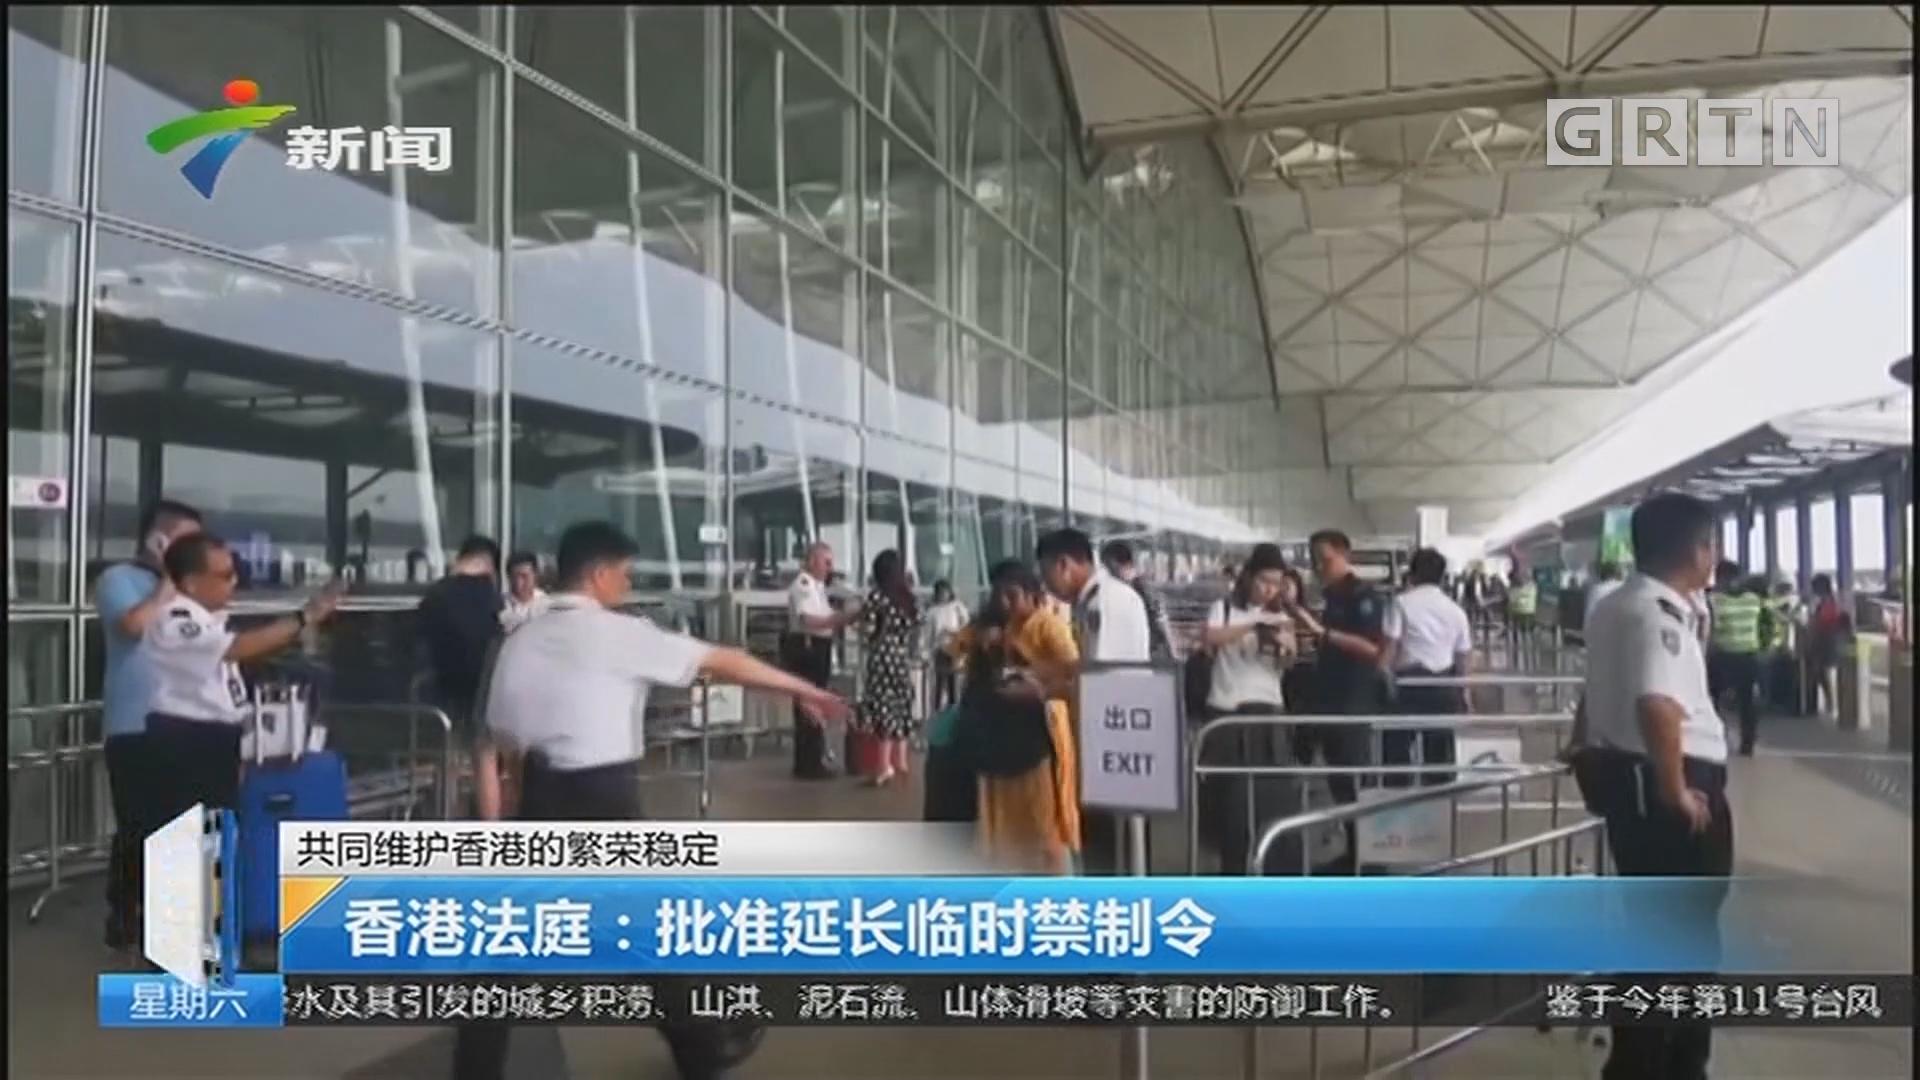 共同维护香港的繁荣稳定 香港法庭:批准延长临时禁制令